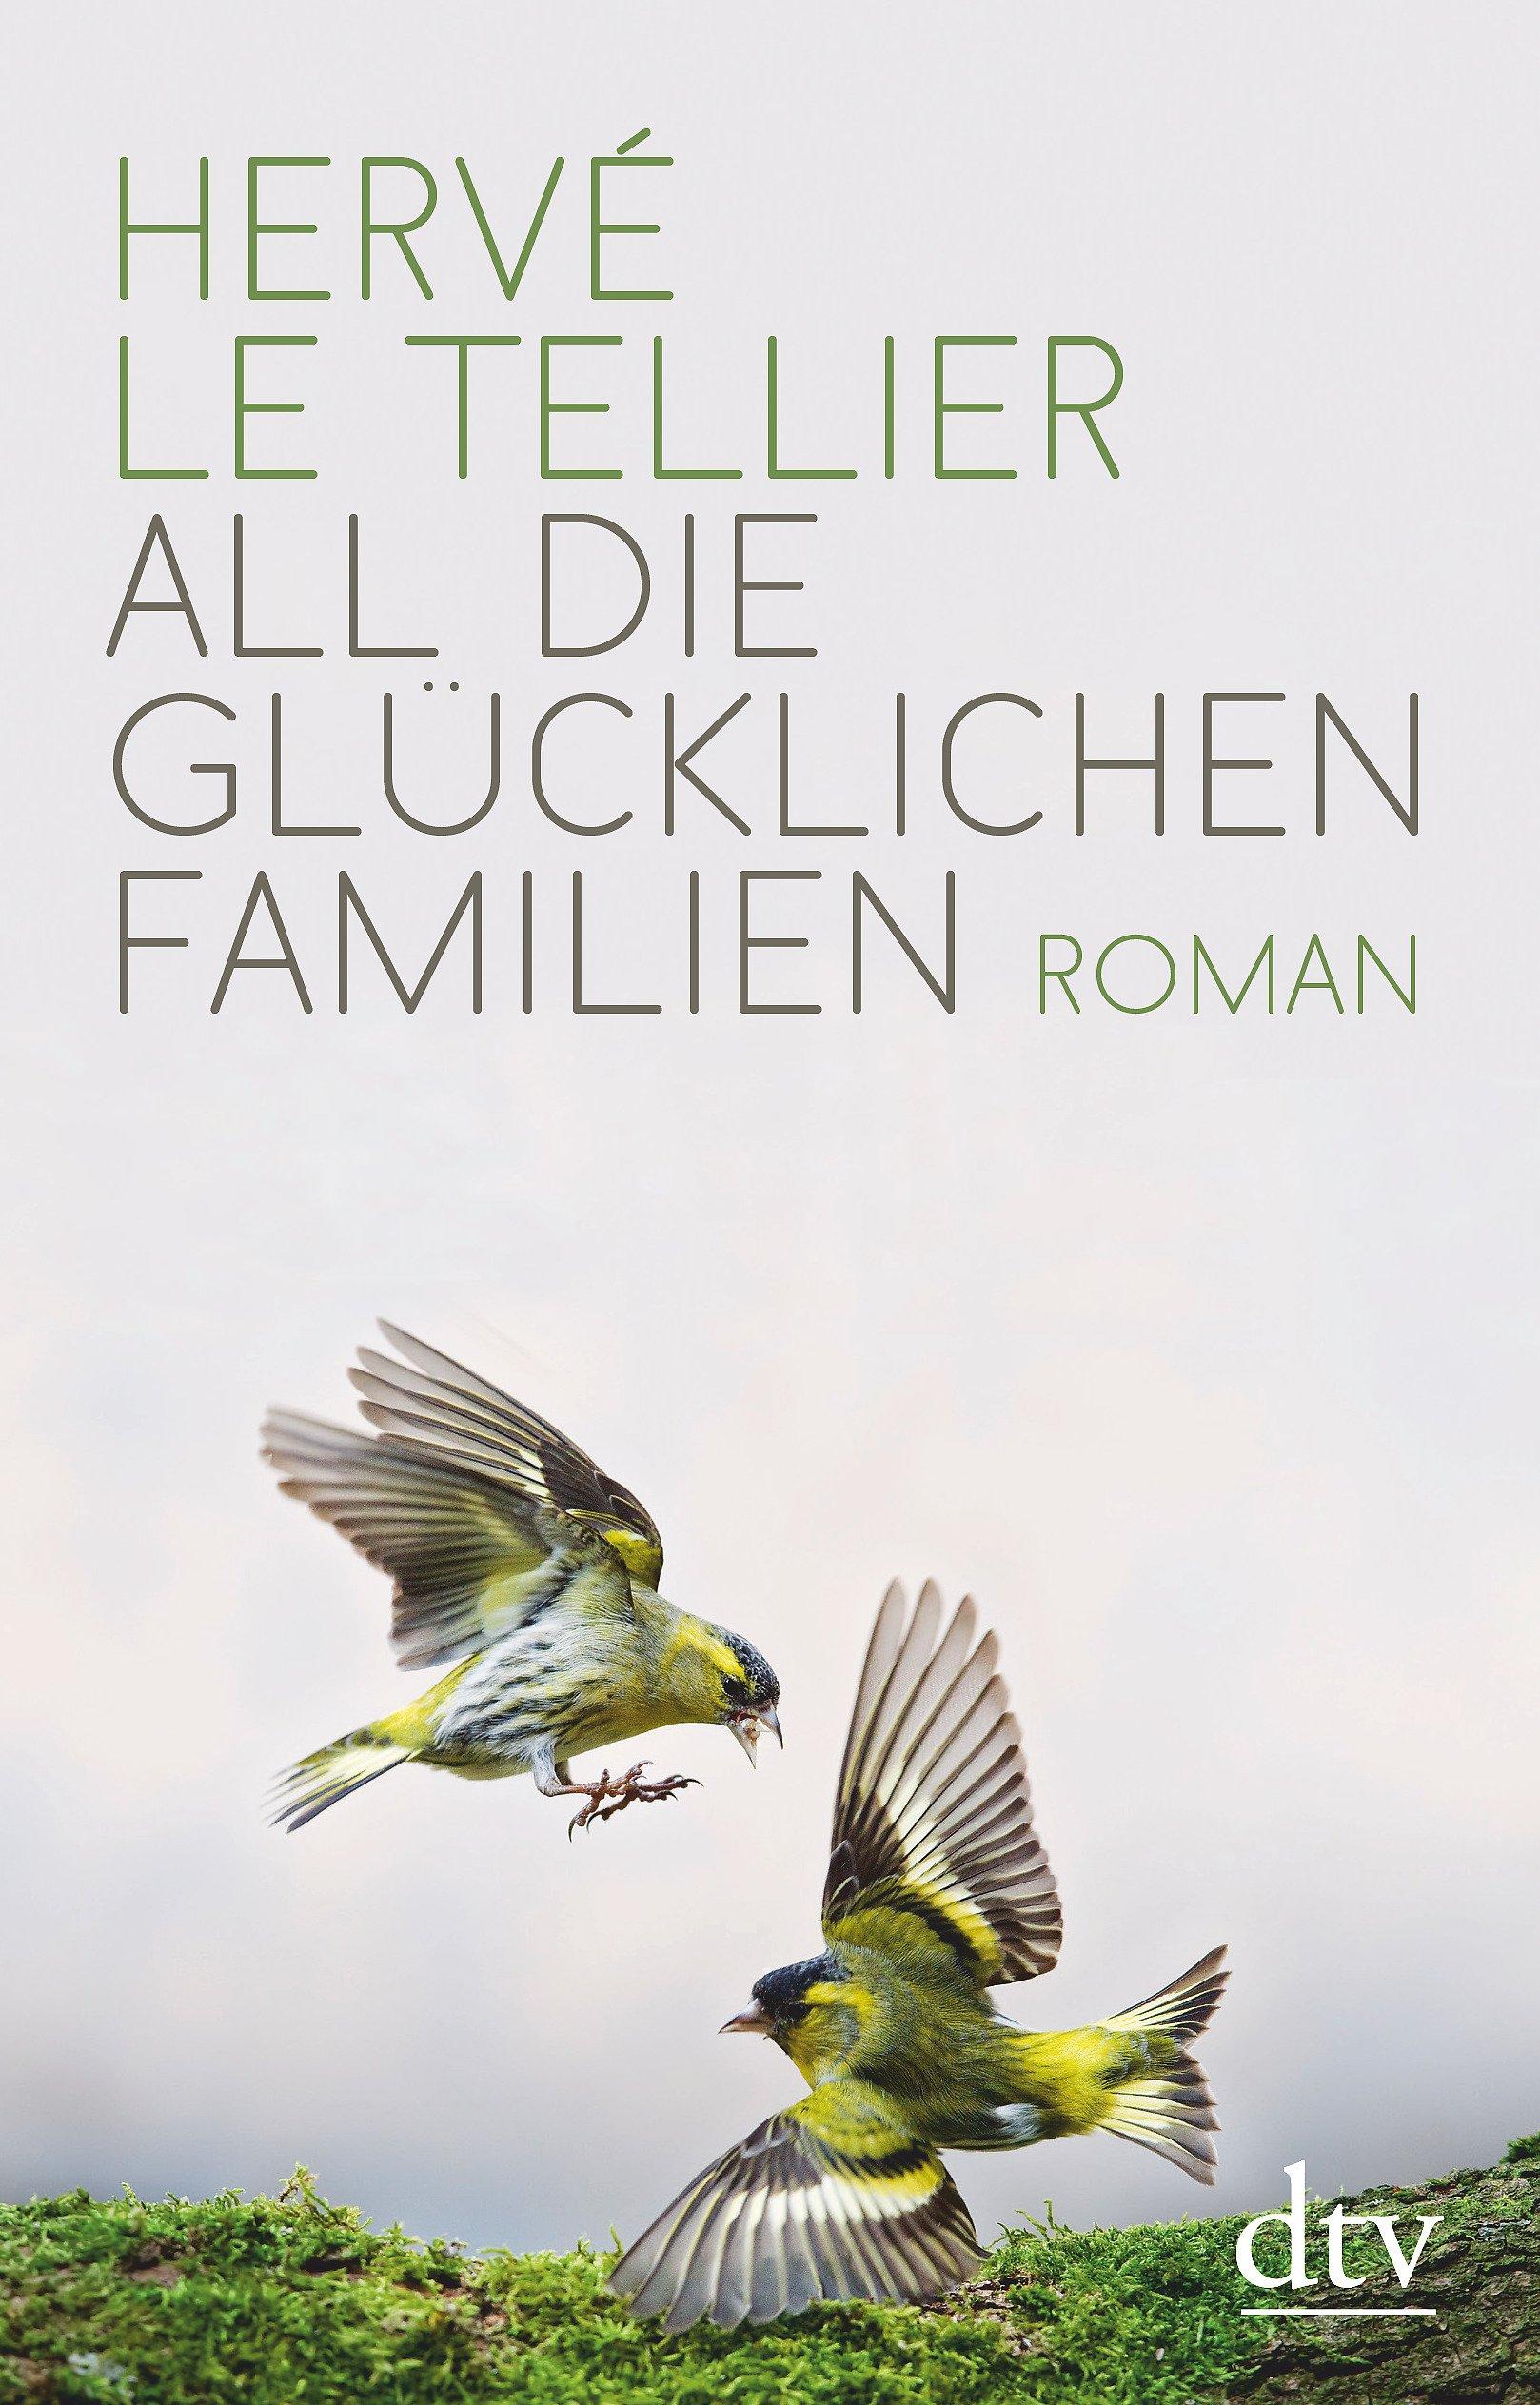 All die glücklichen Familien: Roman Gebundenes Buch – 26. Oktober 2018 Hervé Le Tellier Jürgen Ritte Romy Ritte dtv Verlagsgesellschaft